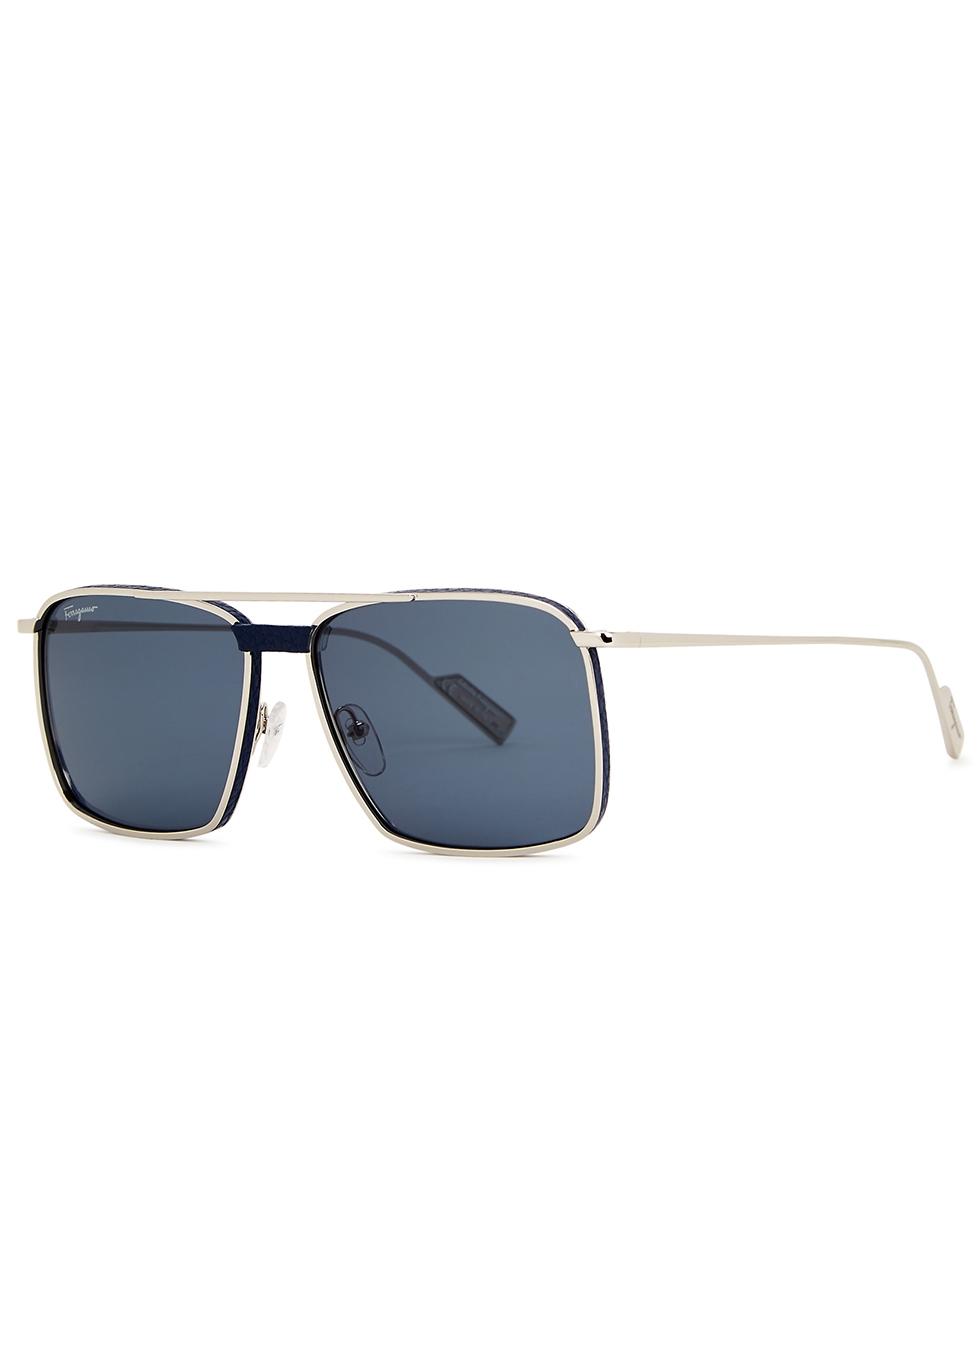 Silver-tone square-frame sunglasses